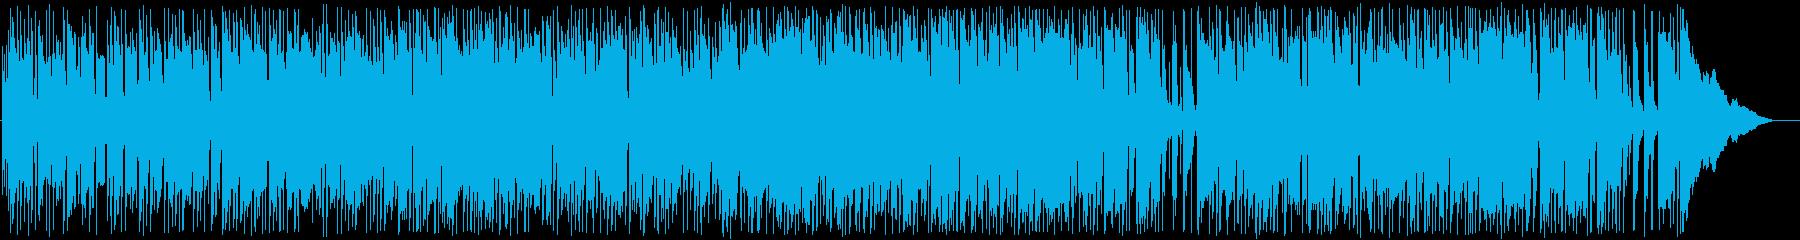 ギターやシンセを使ったおしゃれナンバーの再生済みの波形